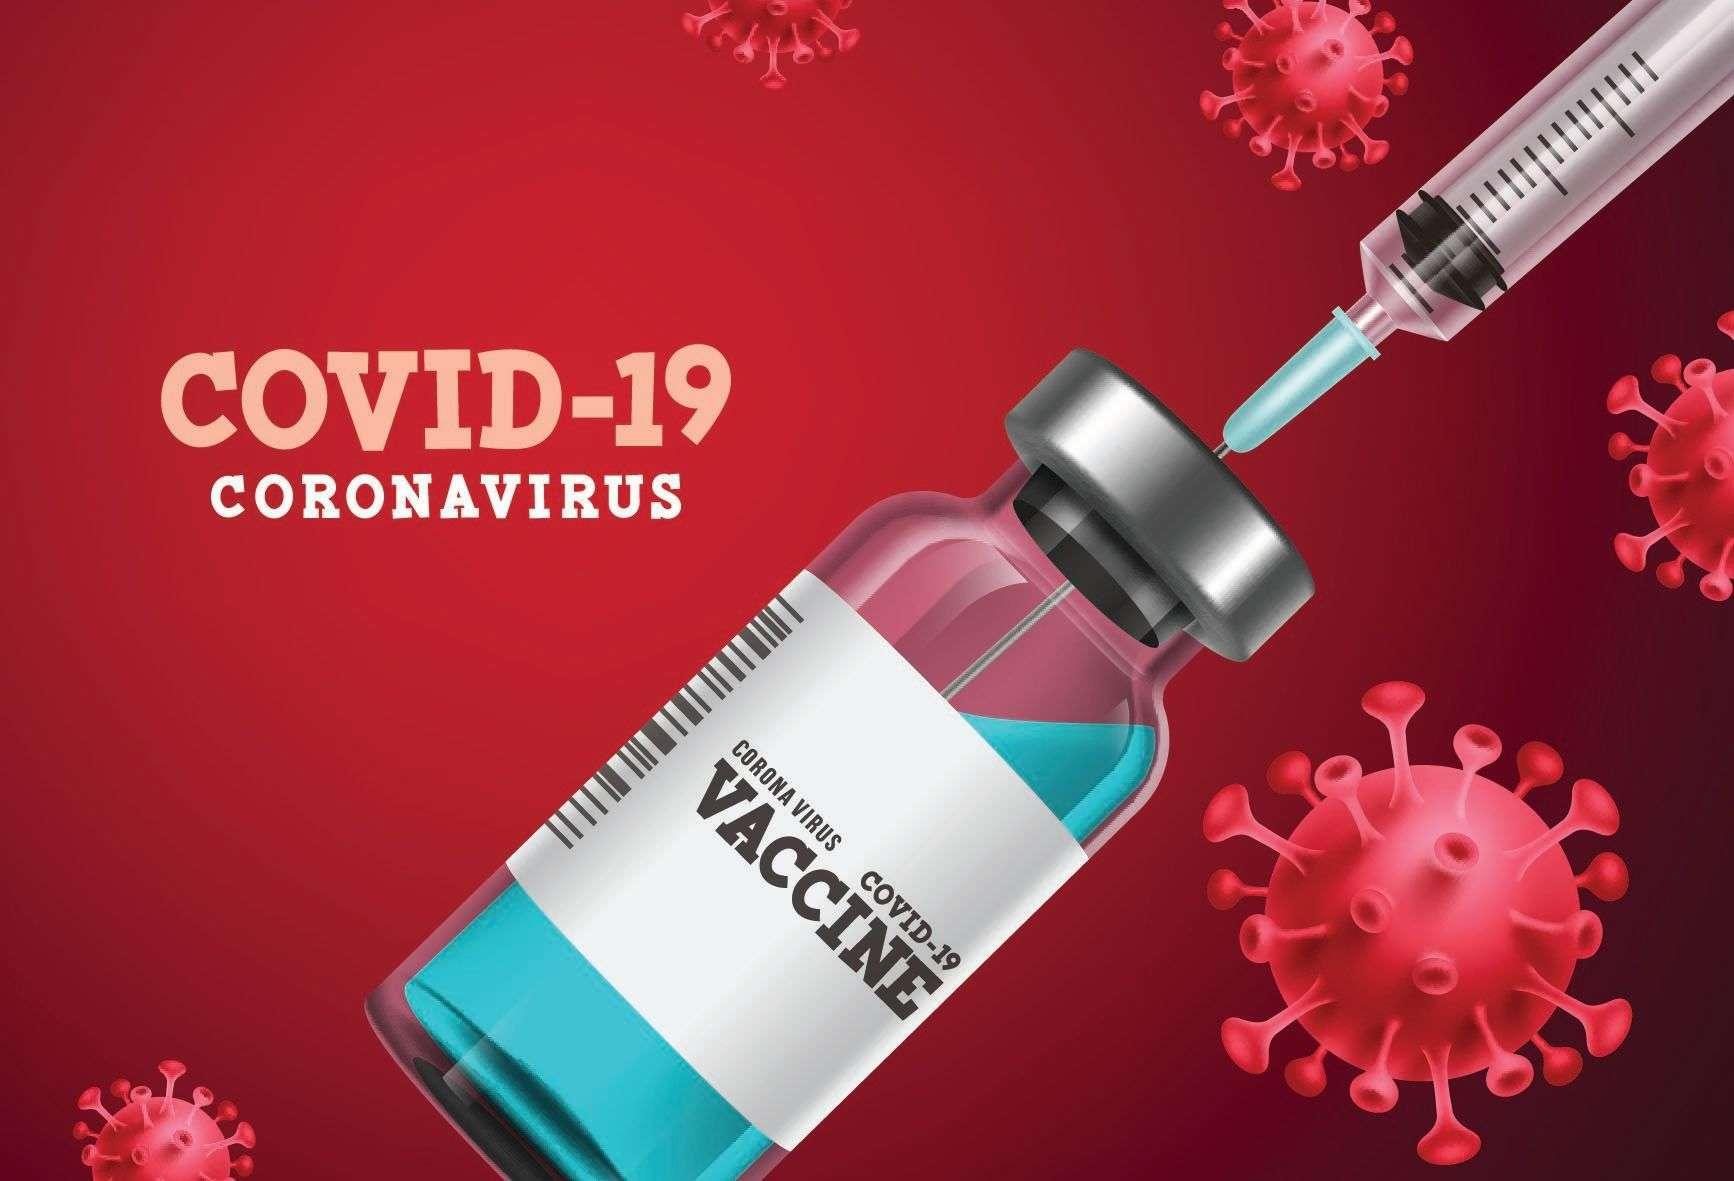 Svi odrasli u Americi moći će da se prijave za vakcinu do 19. aprila